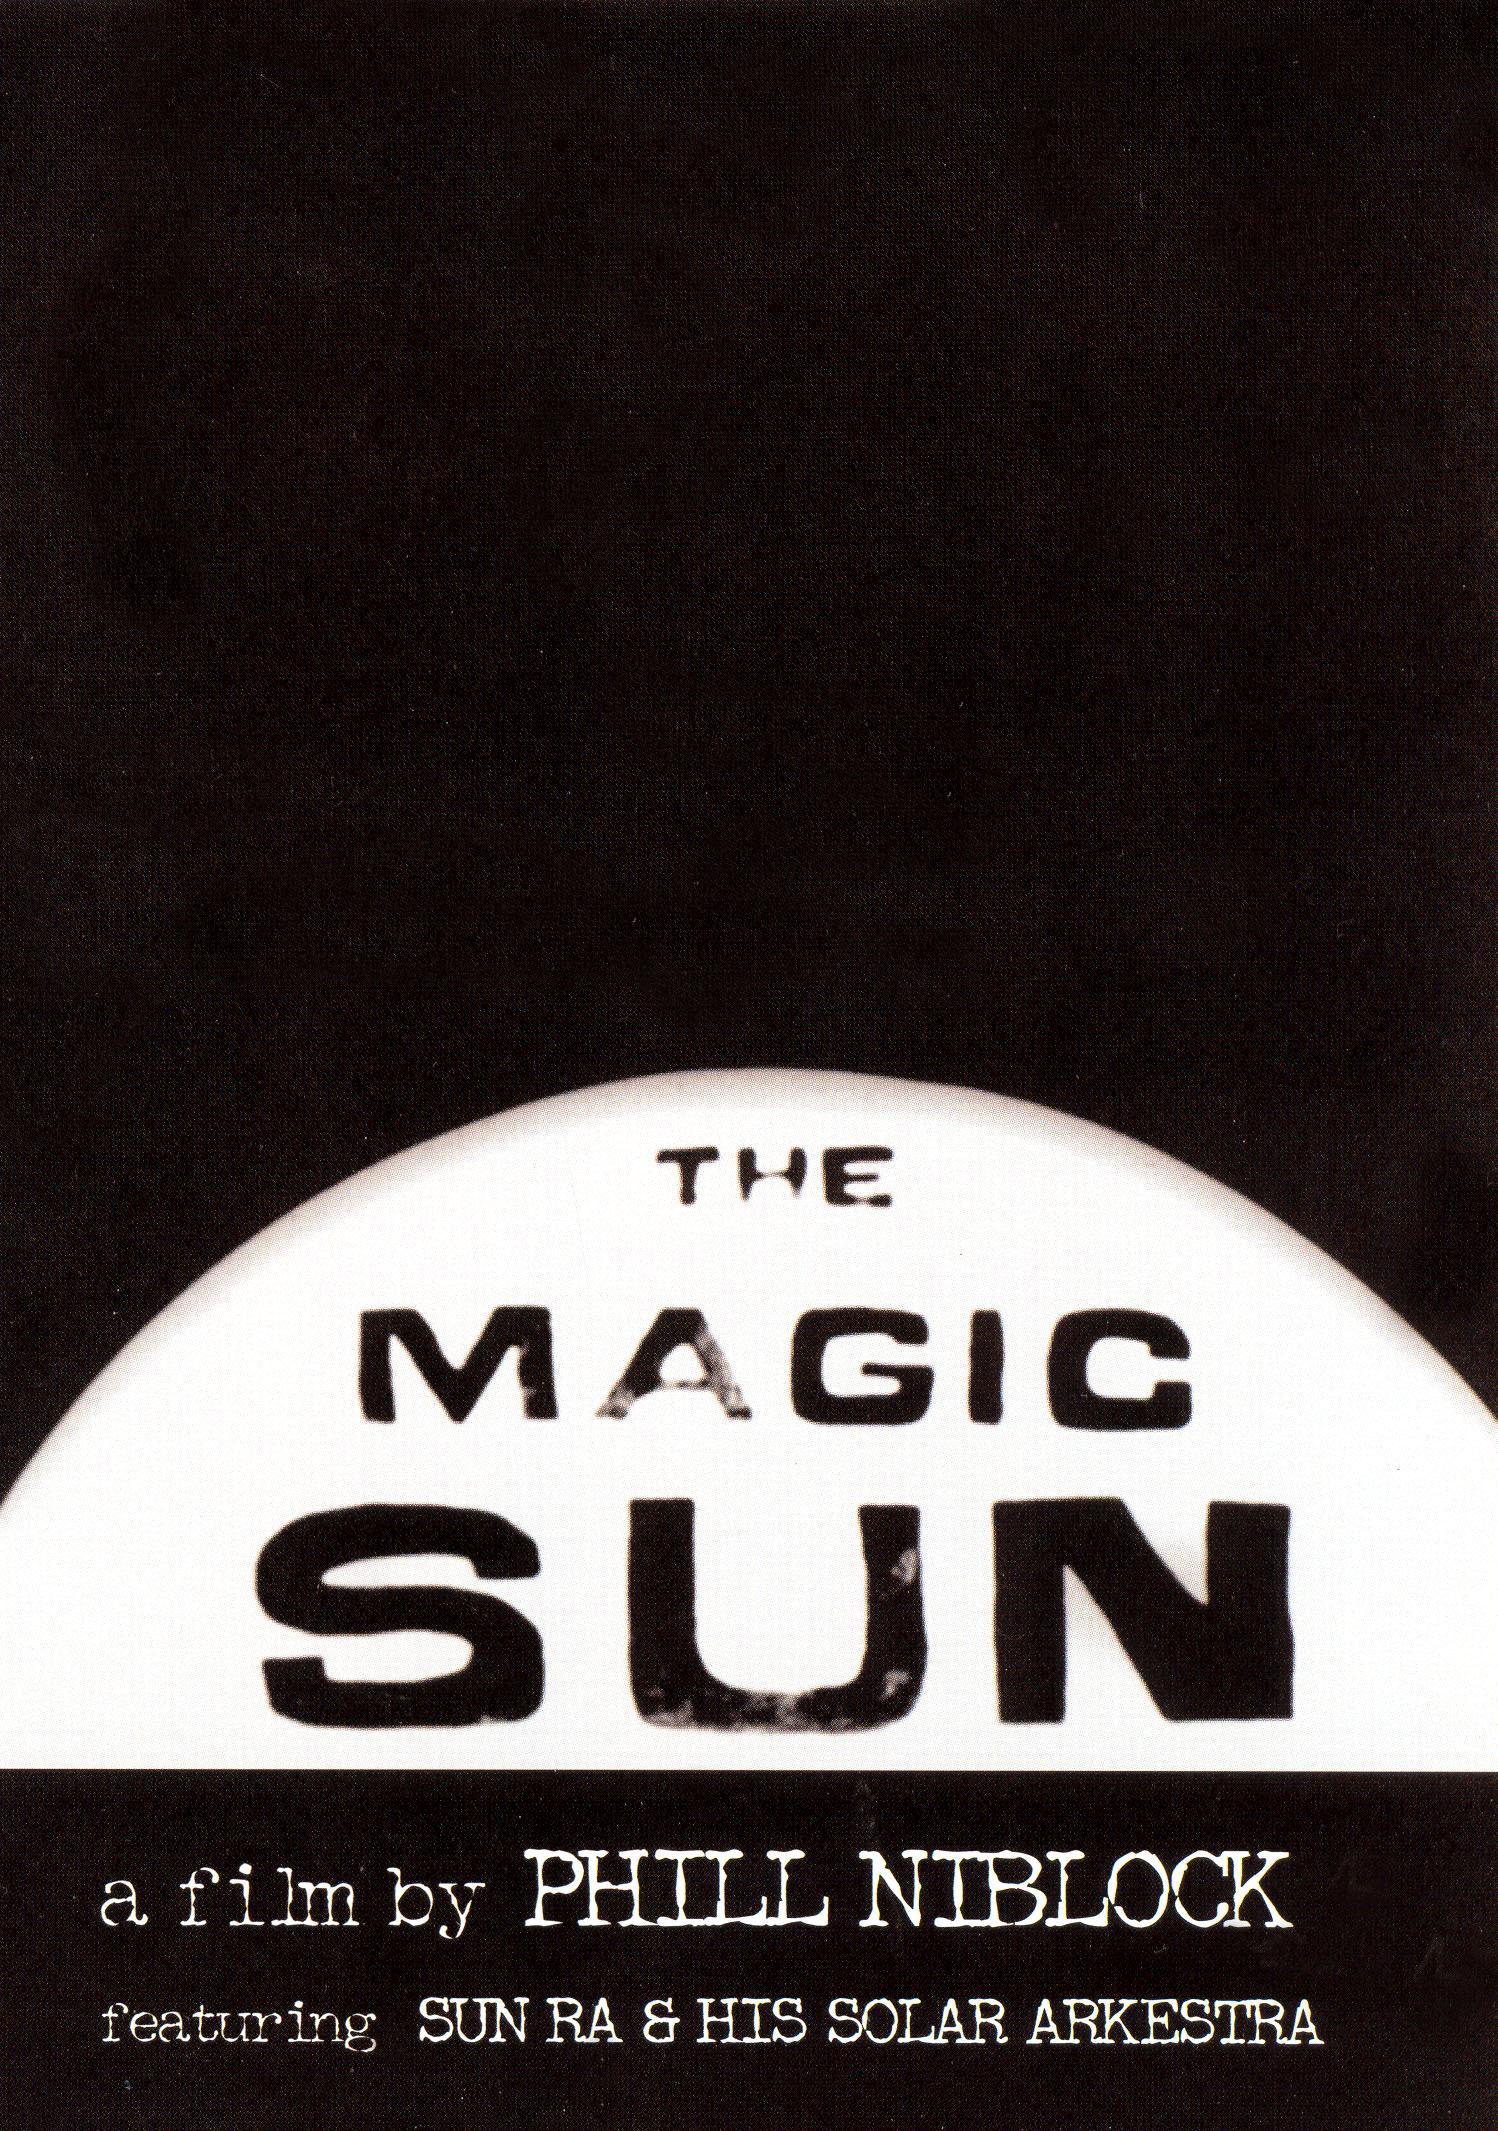 Sun Ra: The Magic Sun